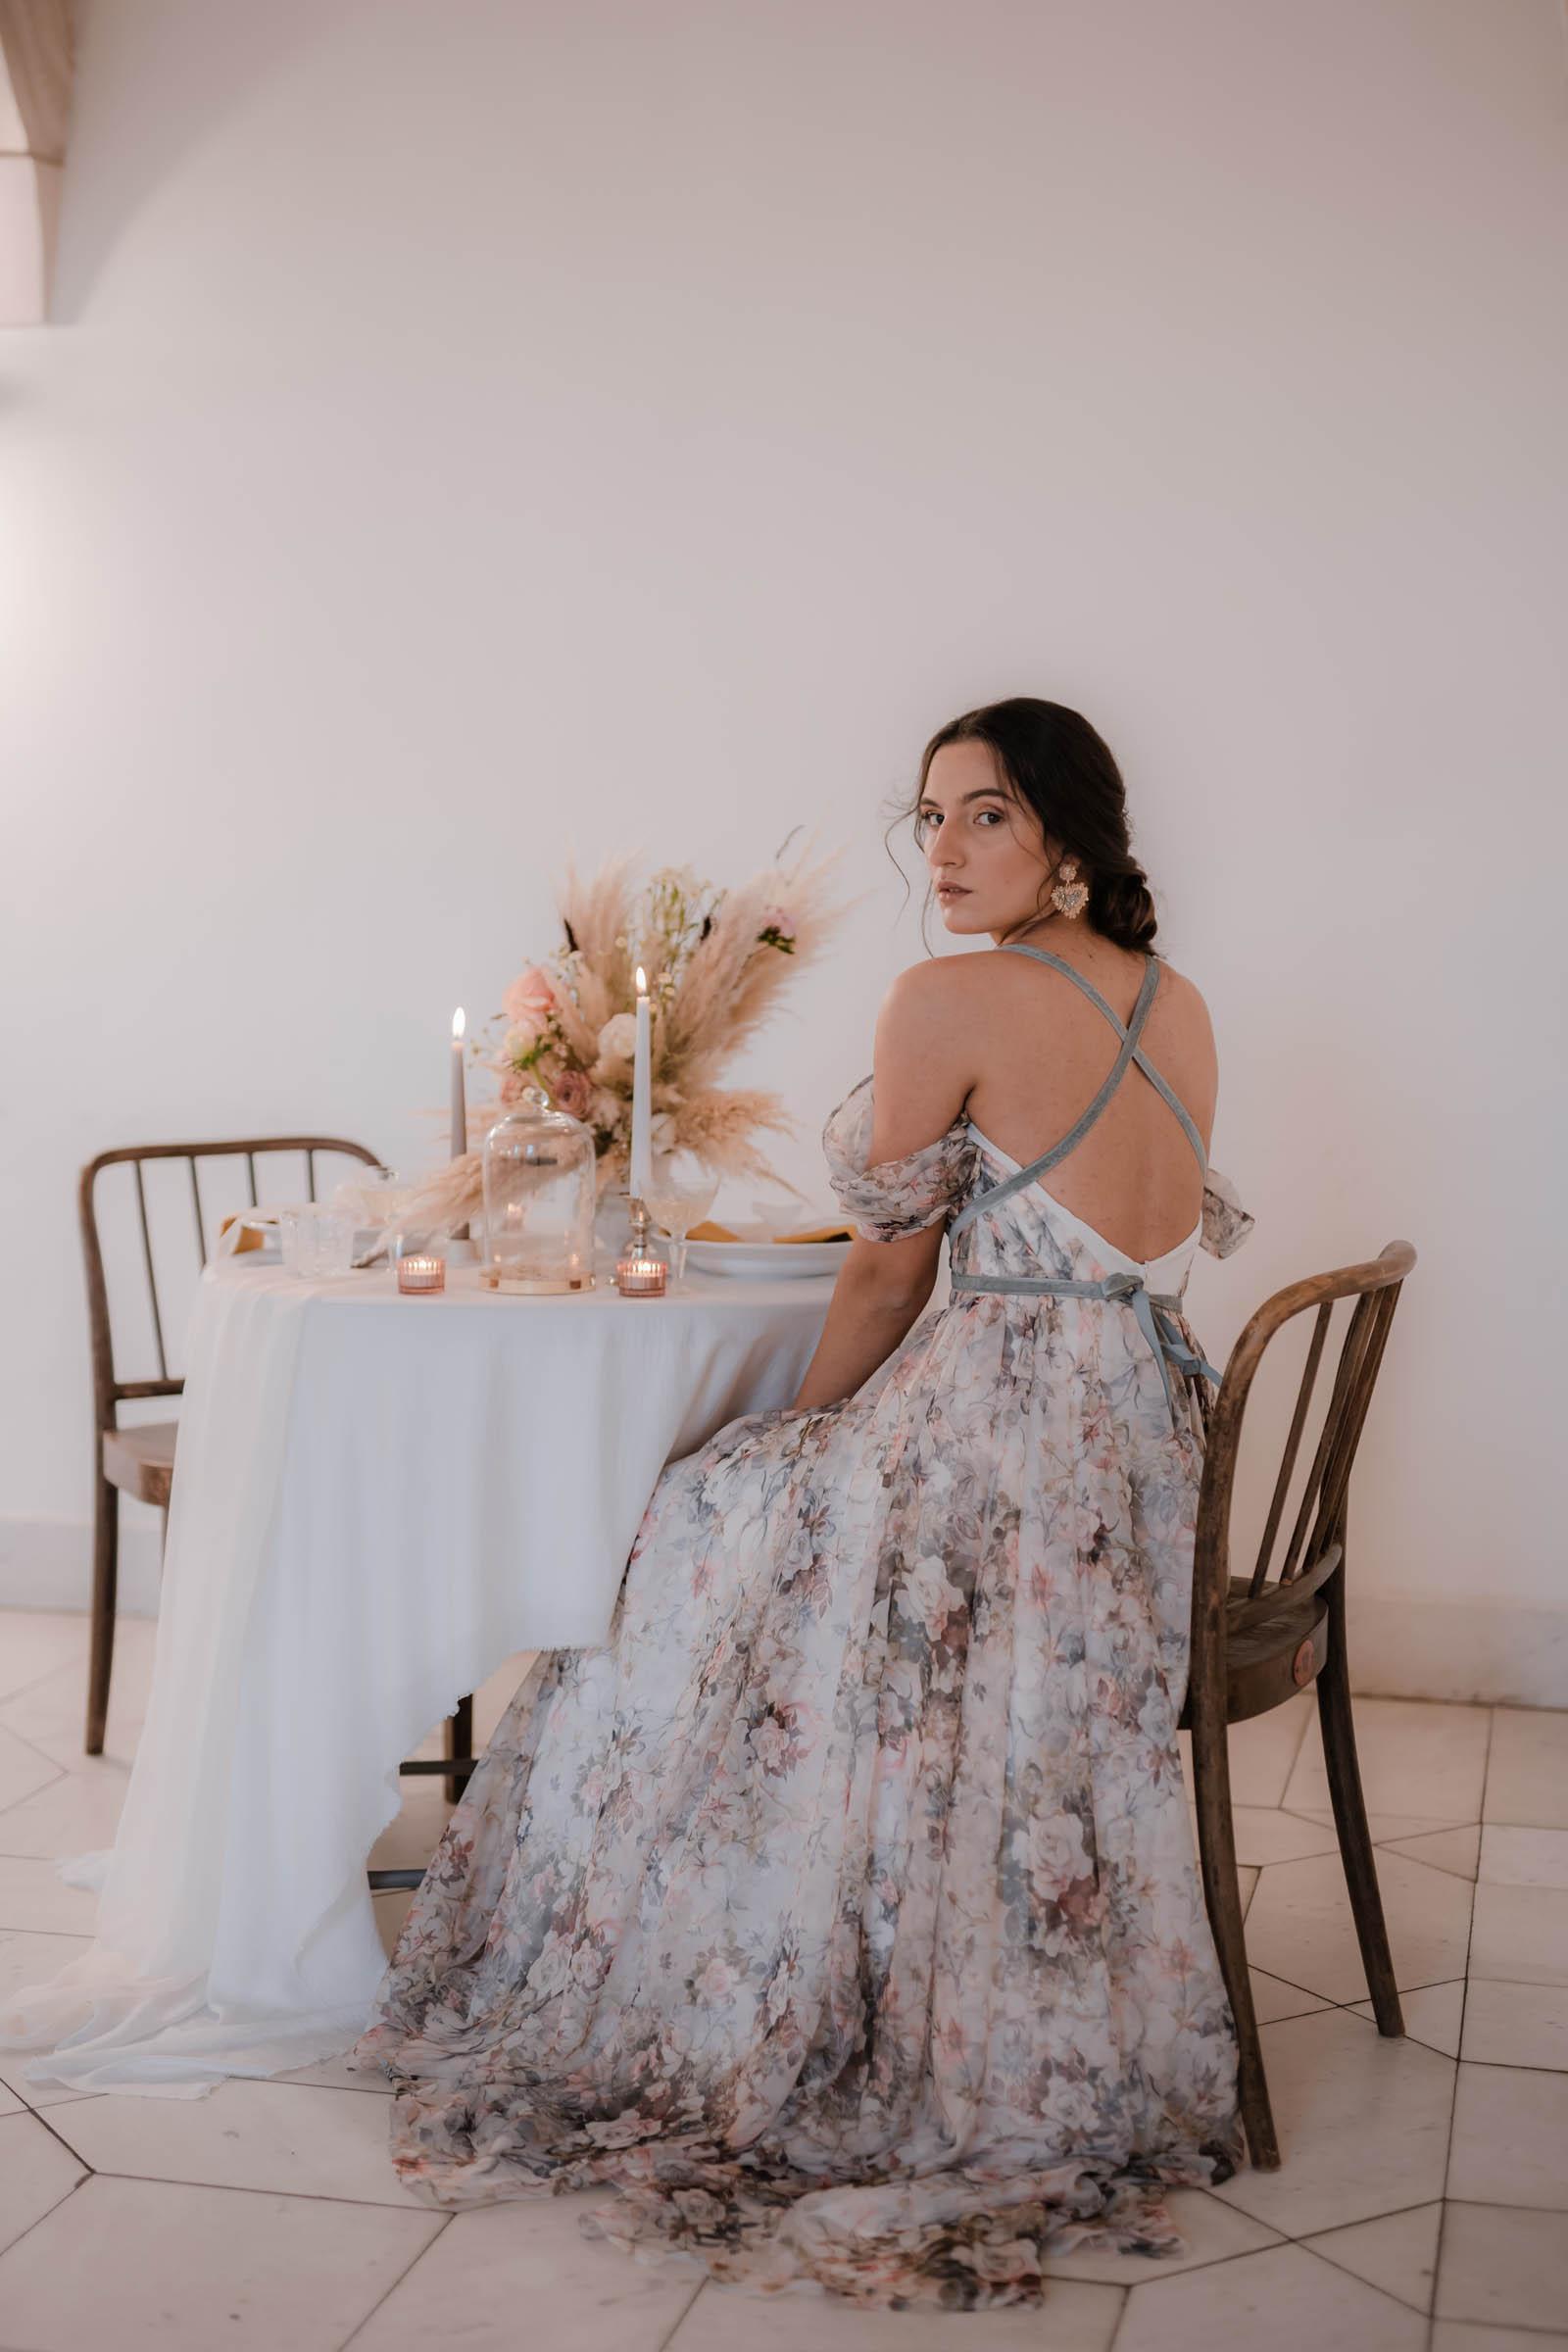 boho-svadobne-saty-veronika-kostkova-wedding-atelier-2019-maya-1